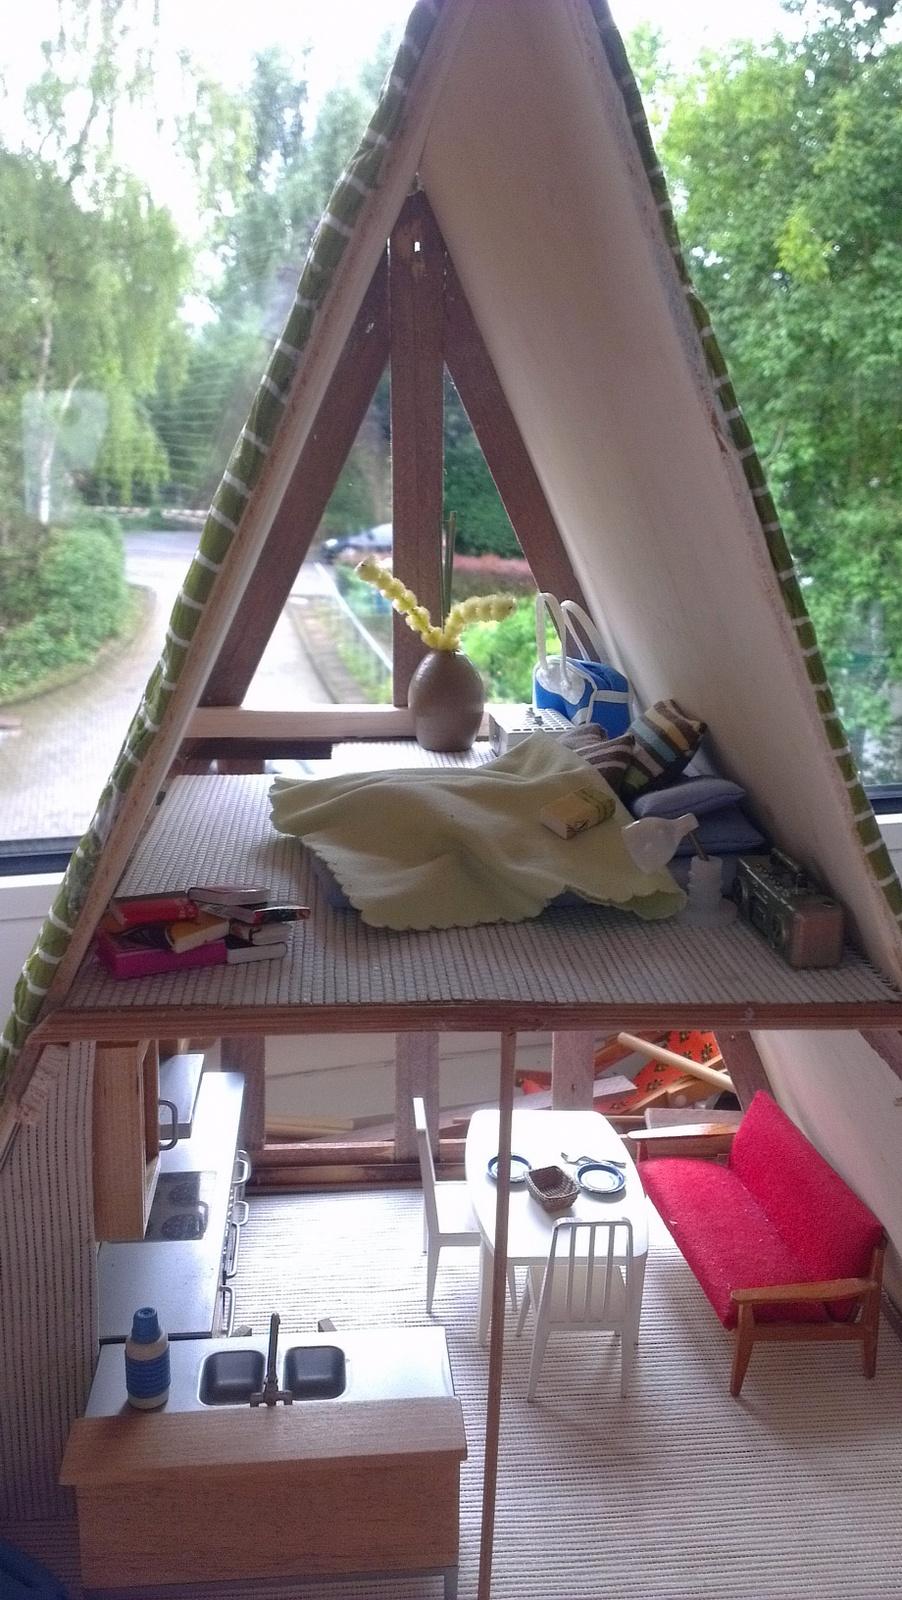 raum f r raum weiter mit dem nurdachhaus. Black Bedroom Furniture Sets. Home Design Ideas